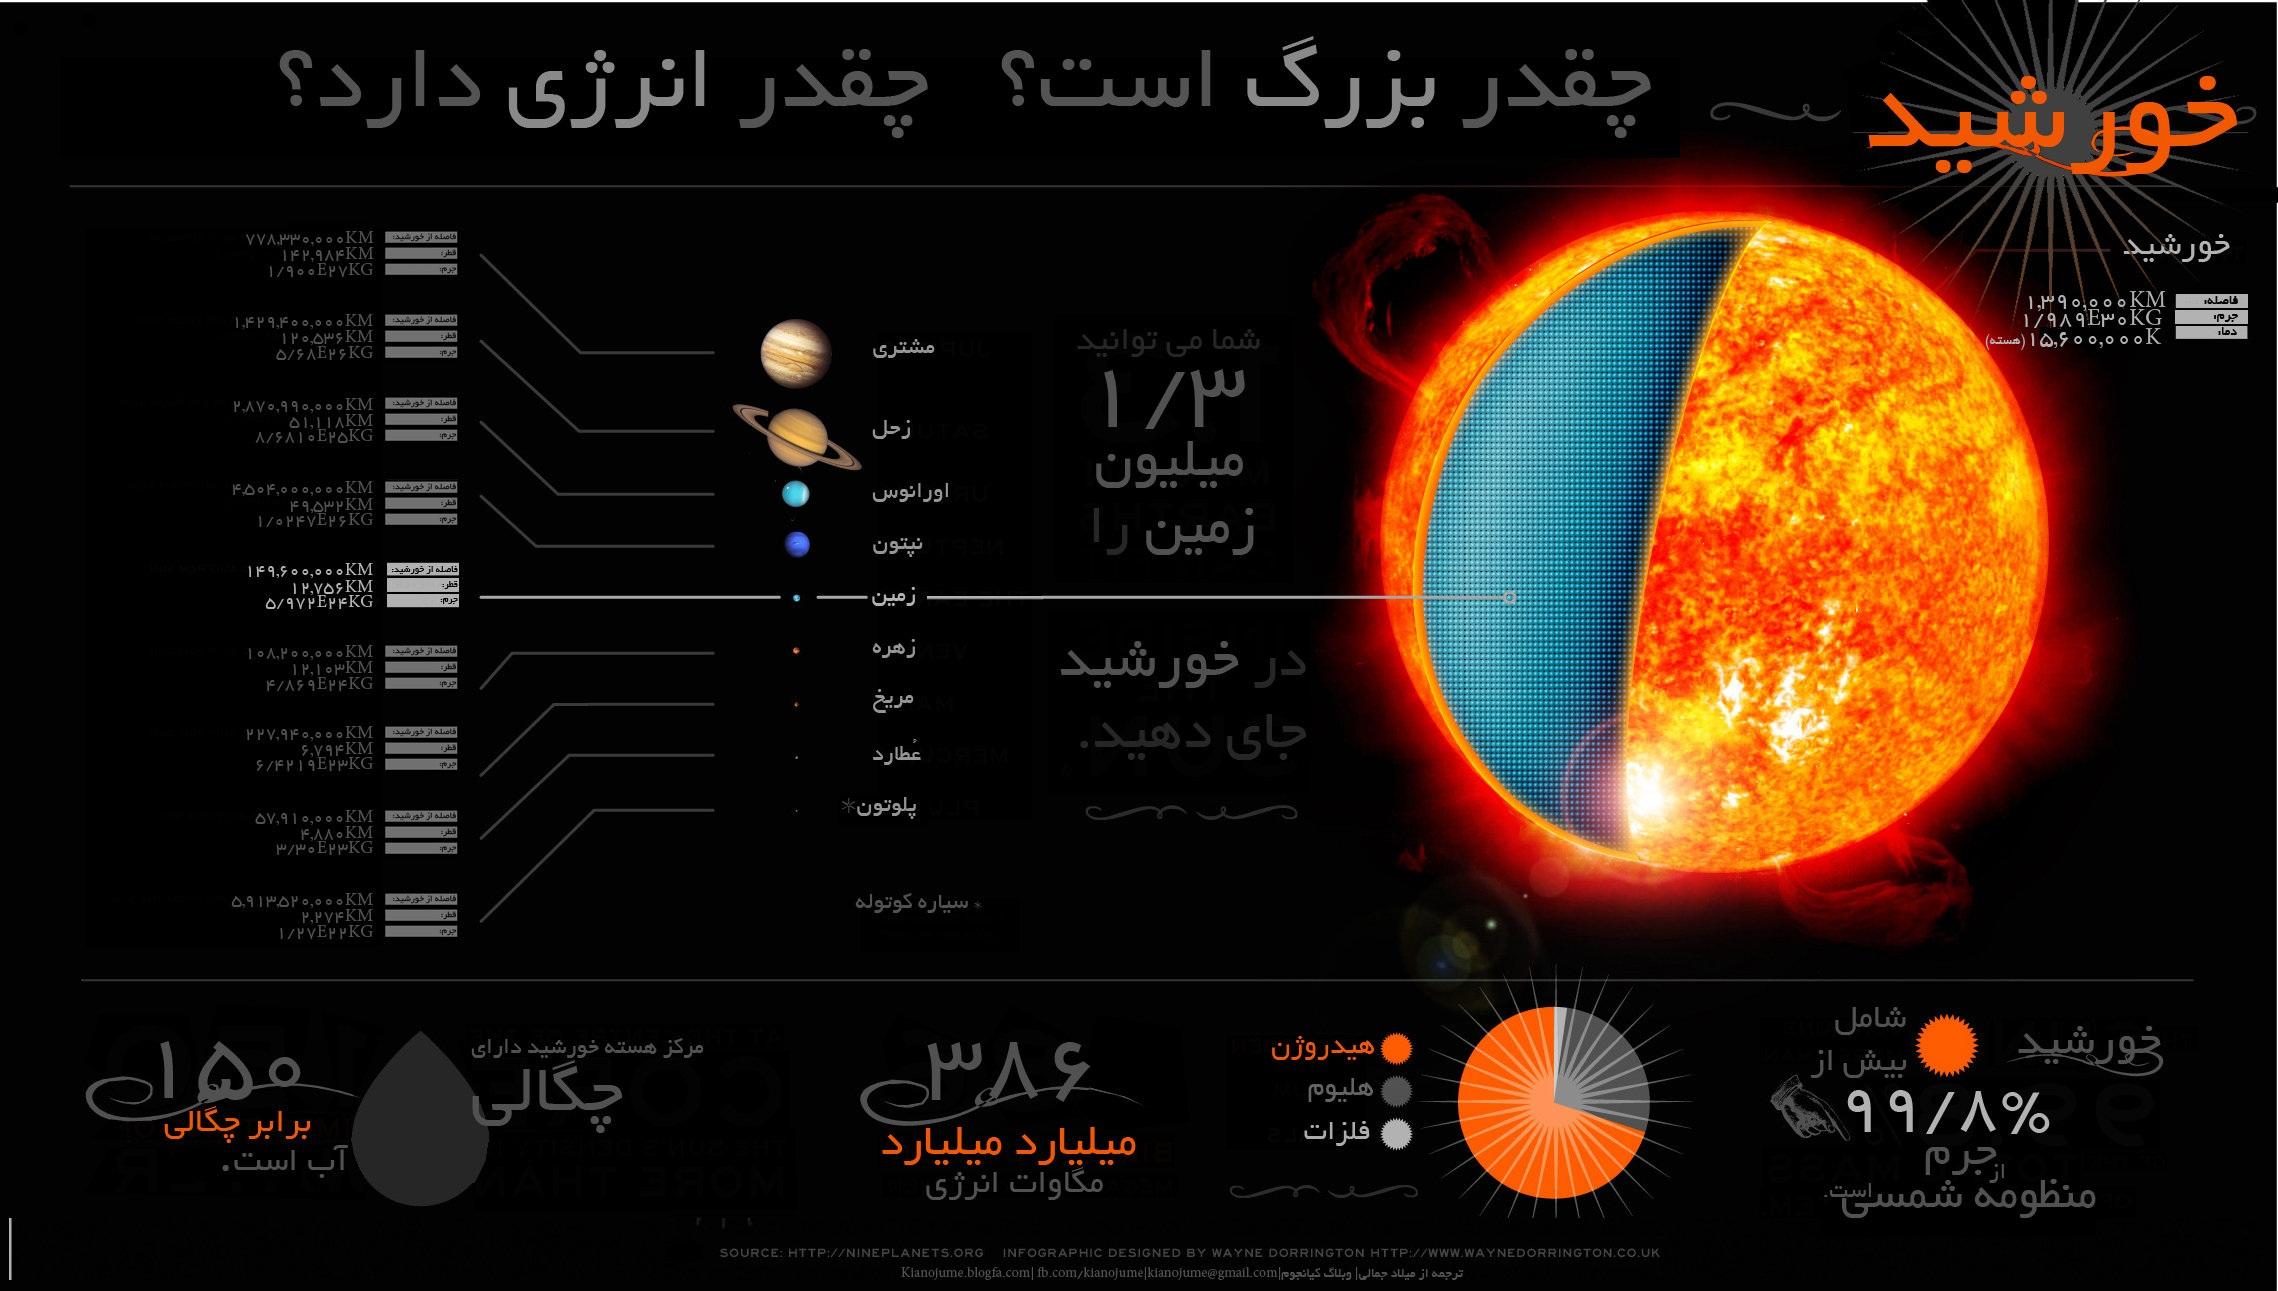 اینفوگرافی درباره ی خورشید